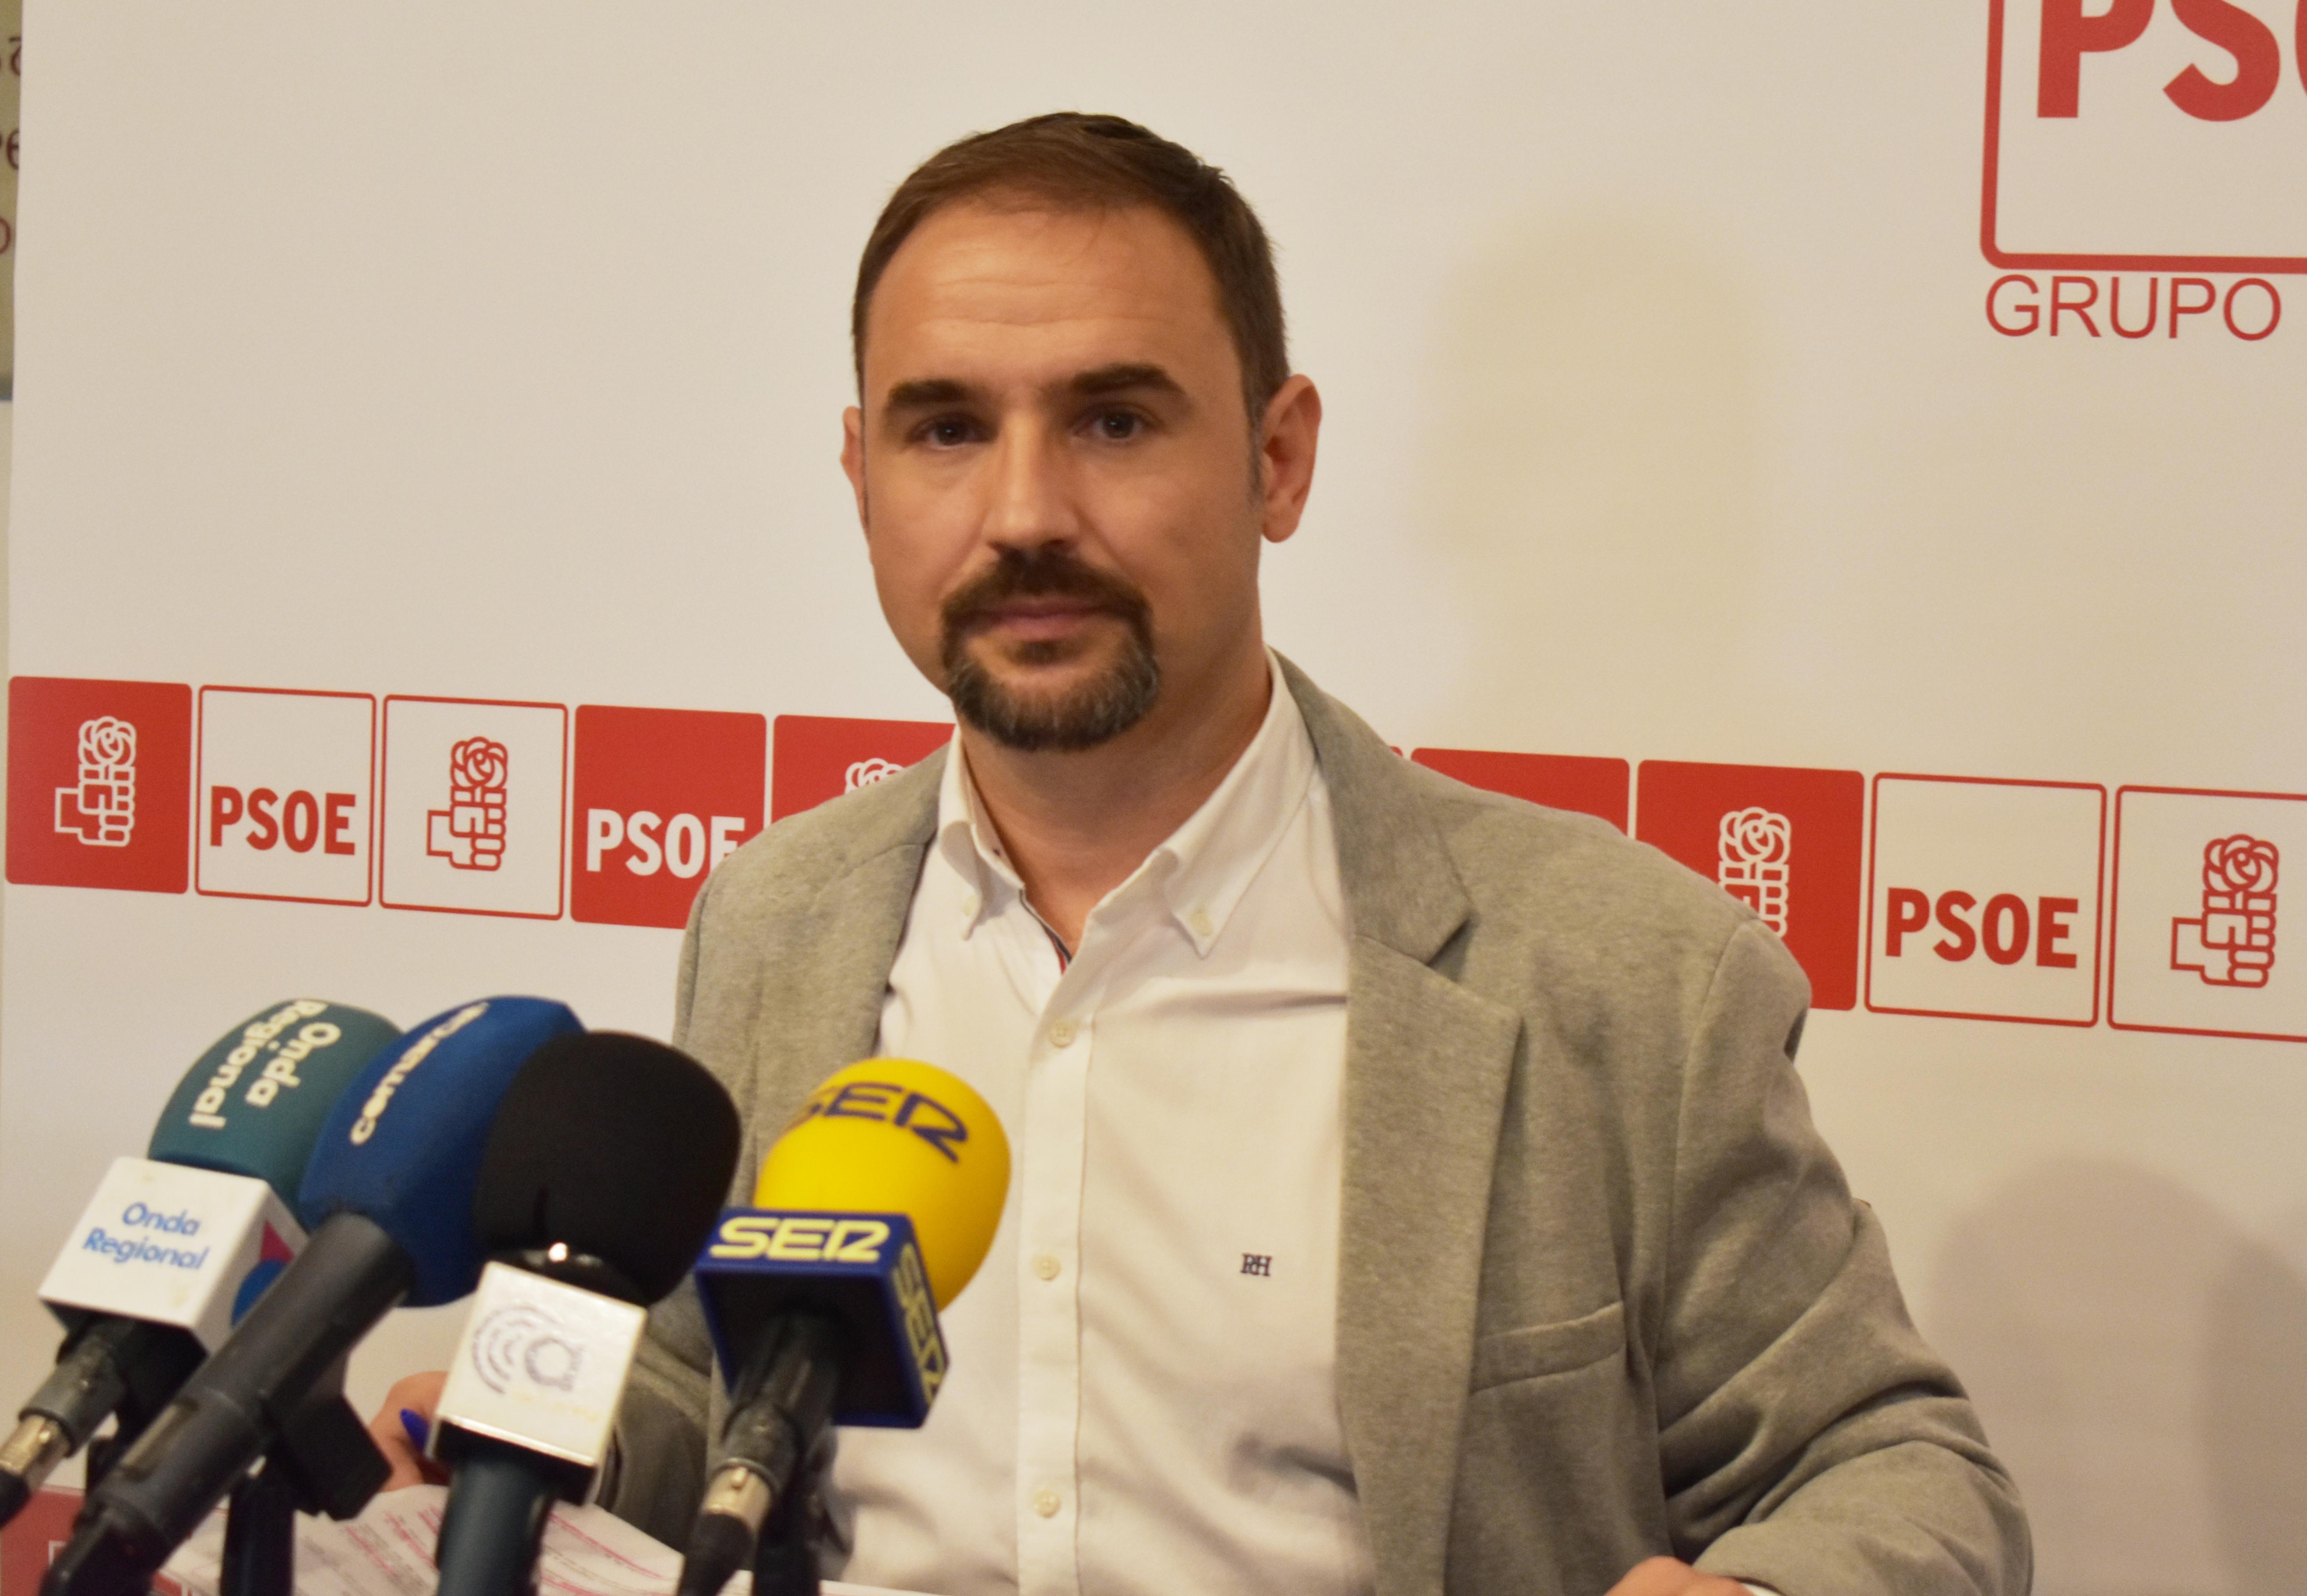 """El PSOE apoya las mejoras que """"ahora"""" se acuerda el Alcalde de solicitar aunque advierte que podrían suponer nuevos retrasos para la llegada del AVE"""